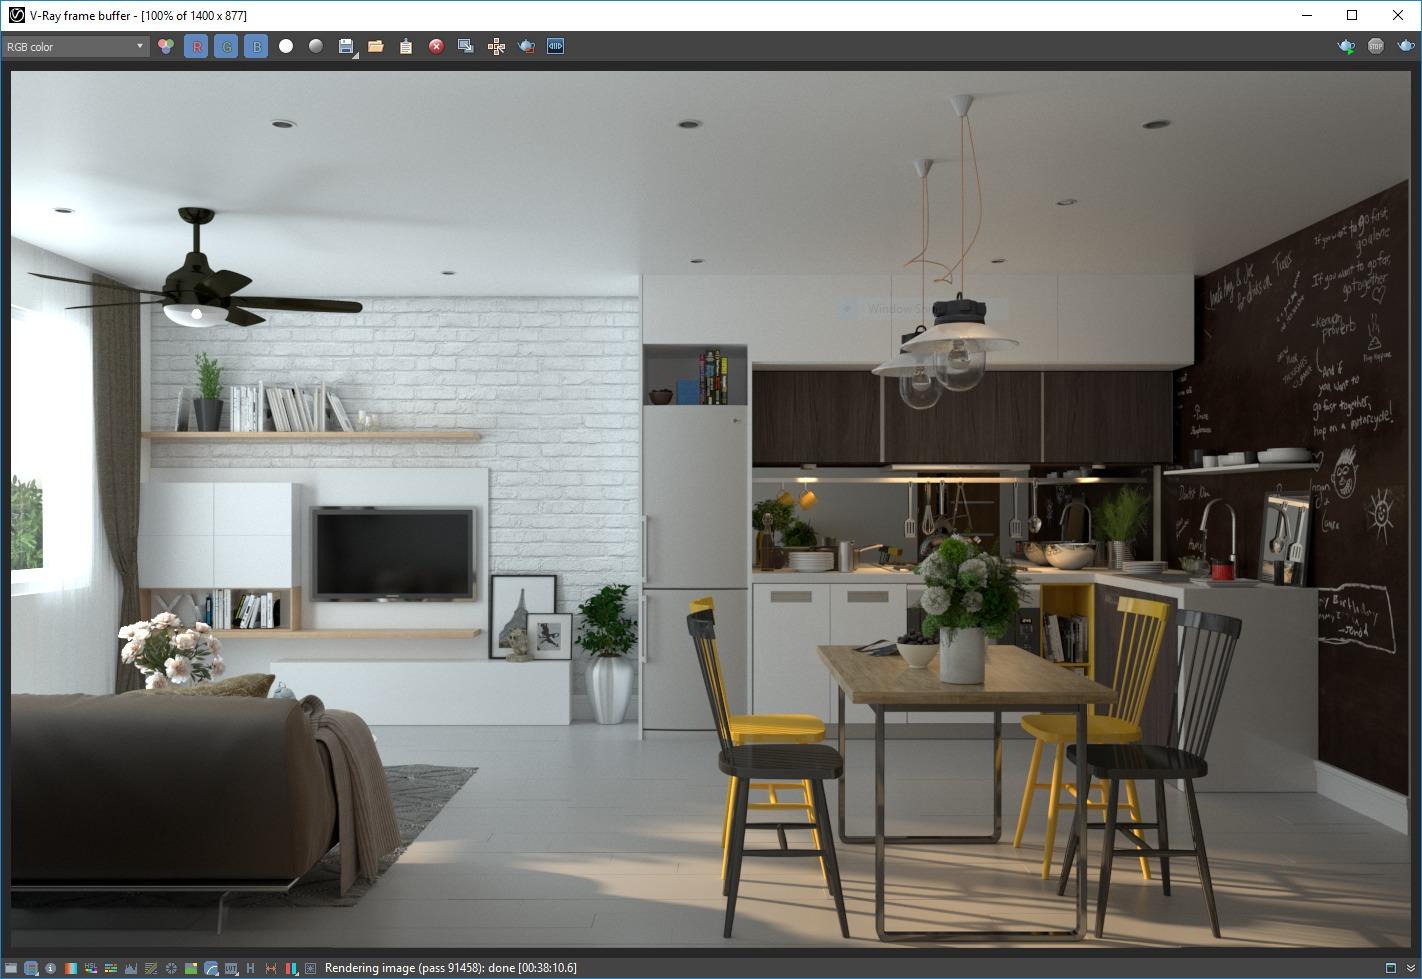 Screenshot of finished render